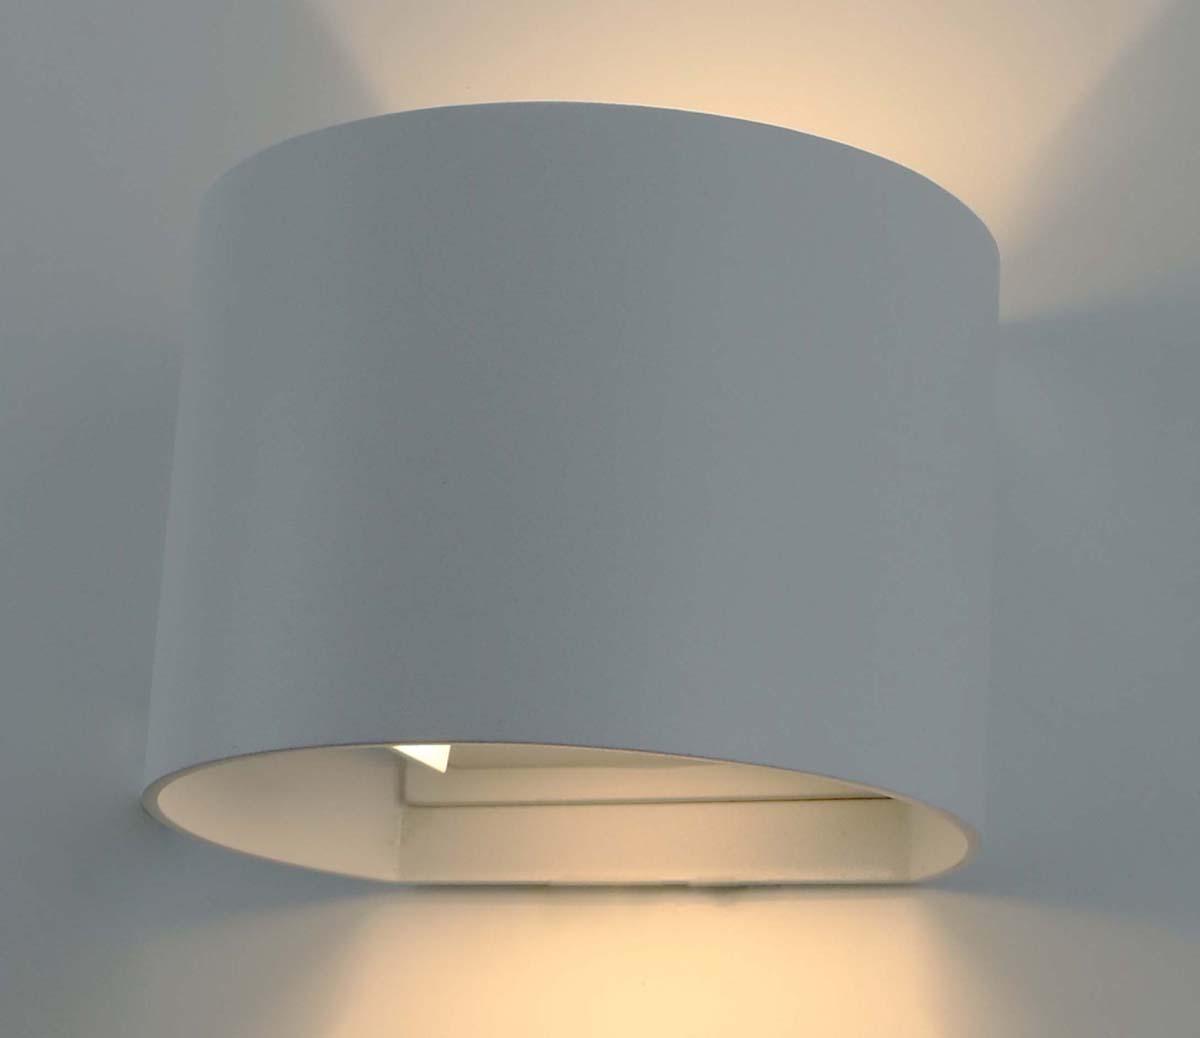 Светильник уличный Arte Lamp Rullo, цвет: белый, 1 х LED, 6 W. A1415AL-1WH